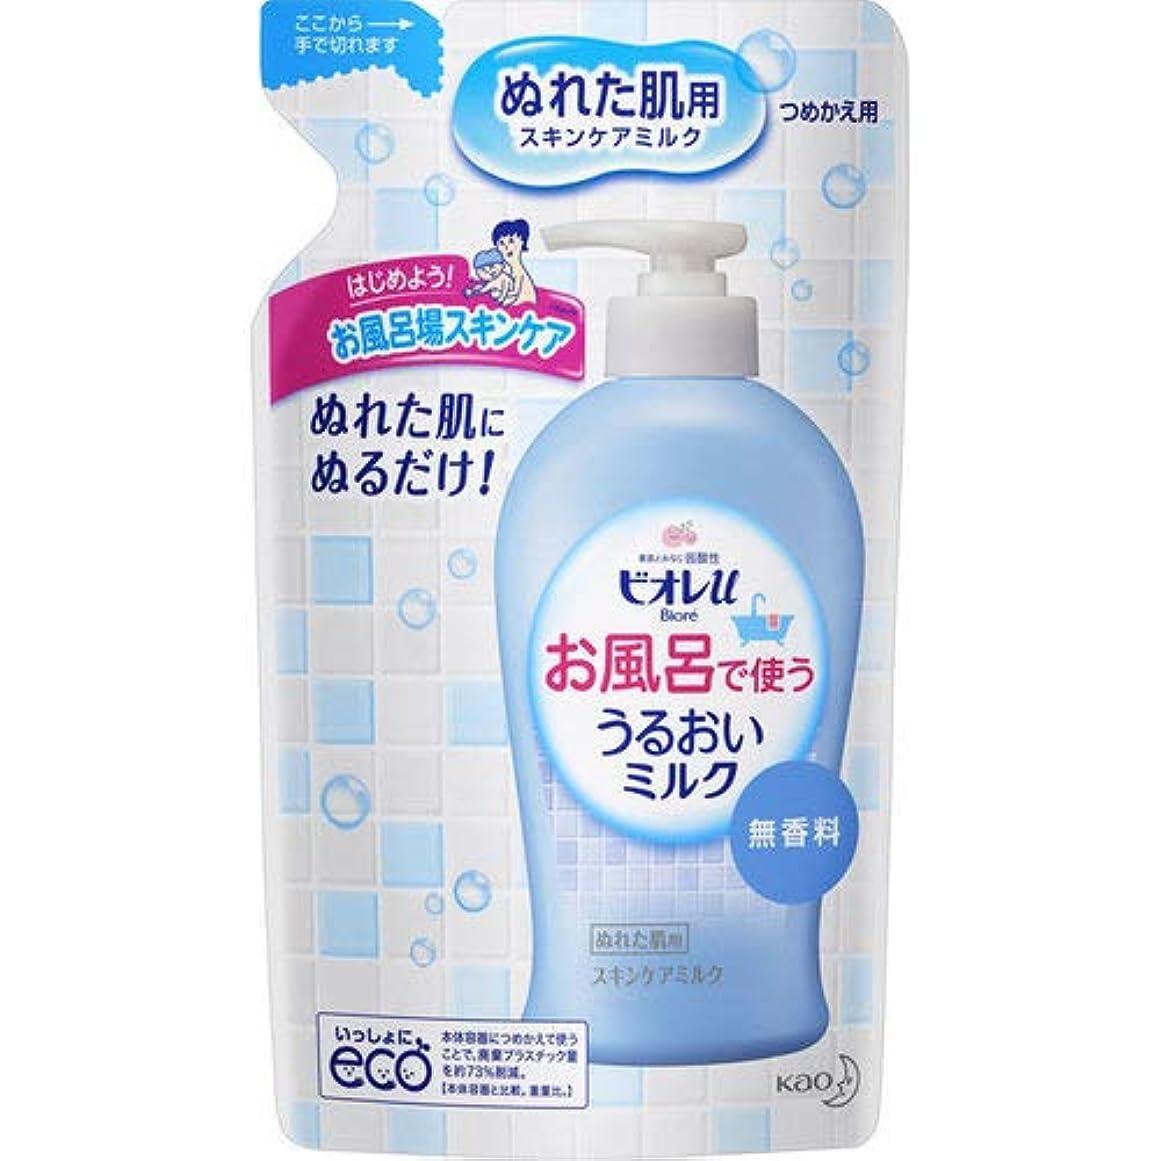 クラウド洞察力のある矛盾ビオレu お風呂で使ううるおいミルク 無香料 つめかえ用 250mL